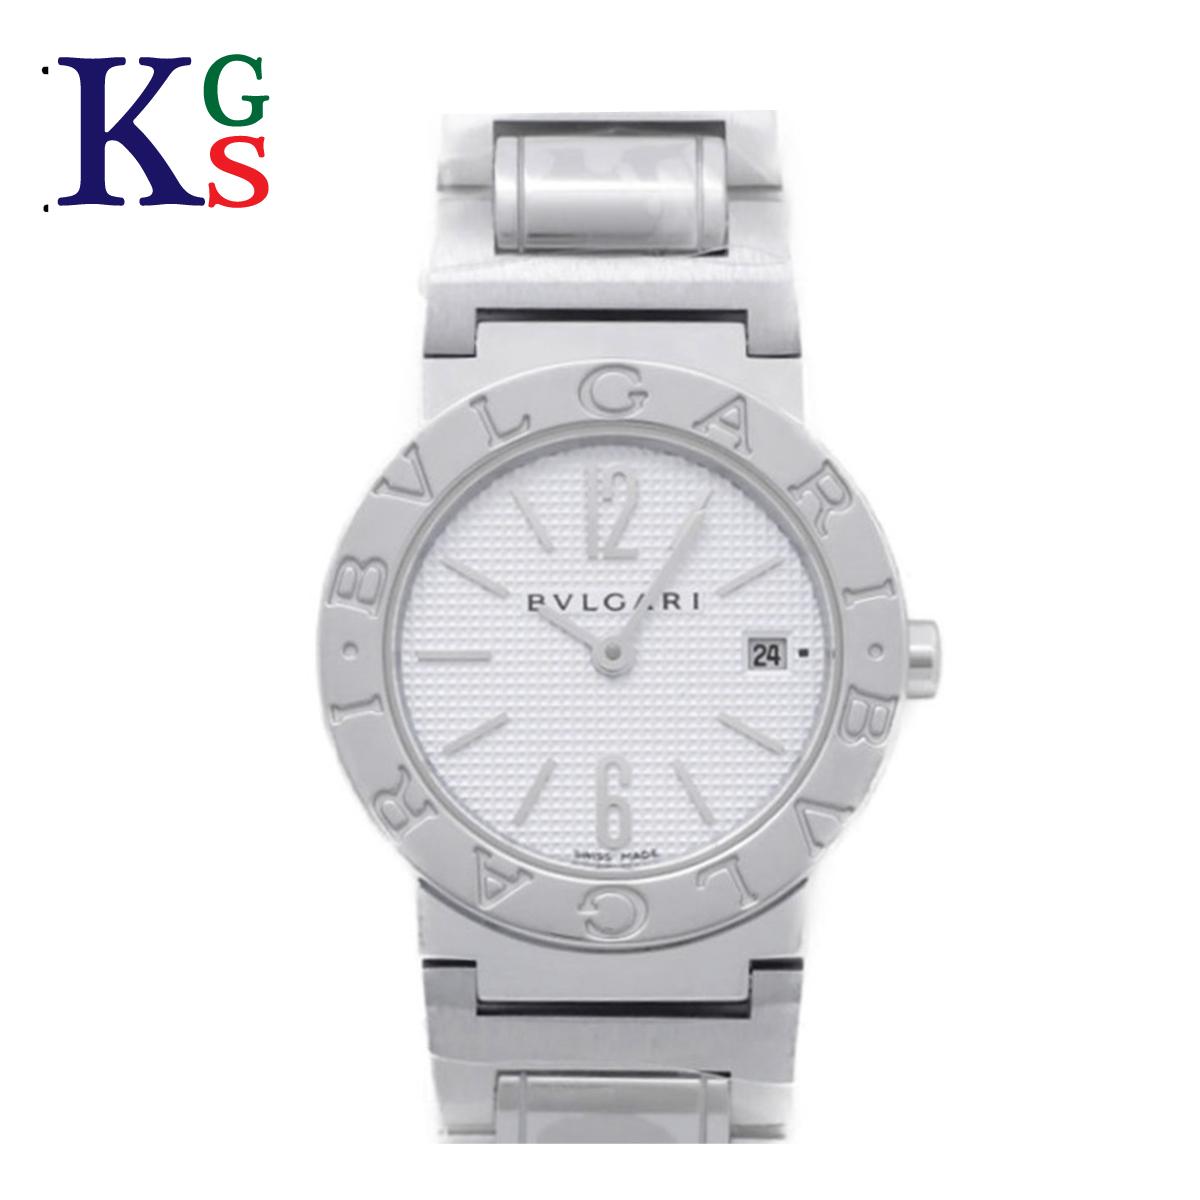 【ギフト品質】ブルガリ/BVLGARI レディース 腕時計 BVLGARI×BVLGARI BBL26S SS ステンレススチール 白文字盤 クオーツ